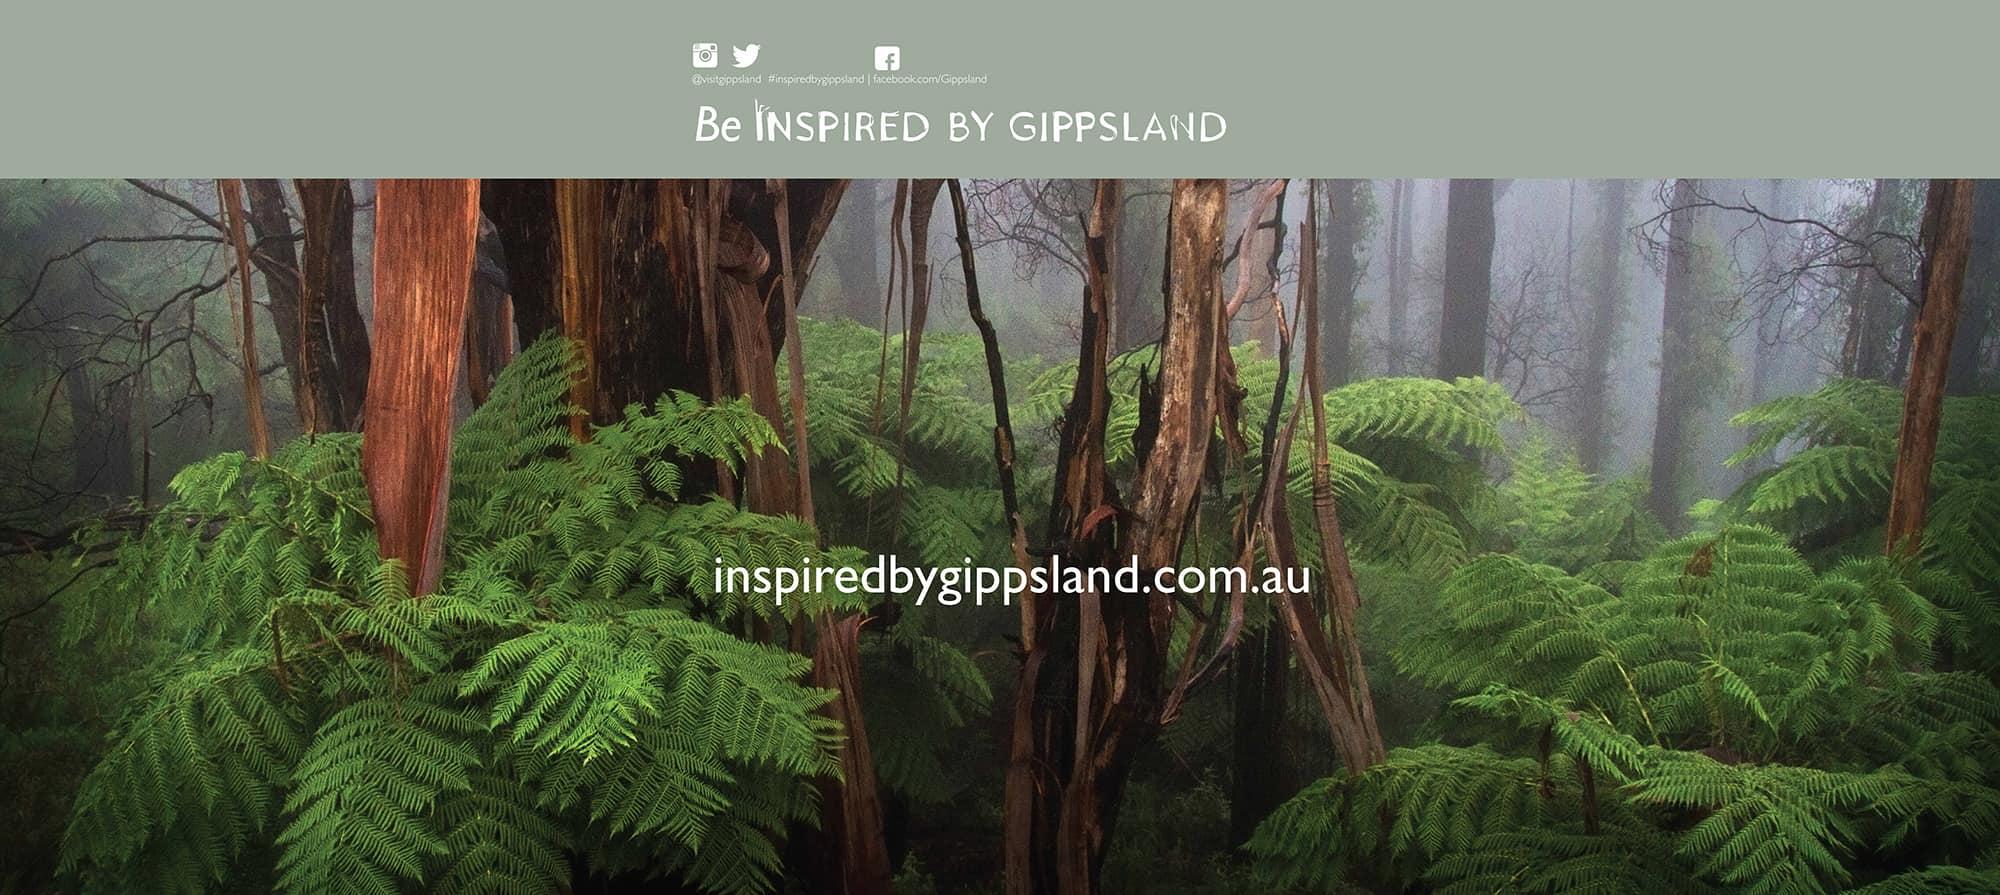 Destination Gippsland